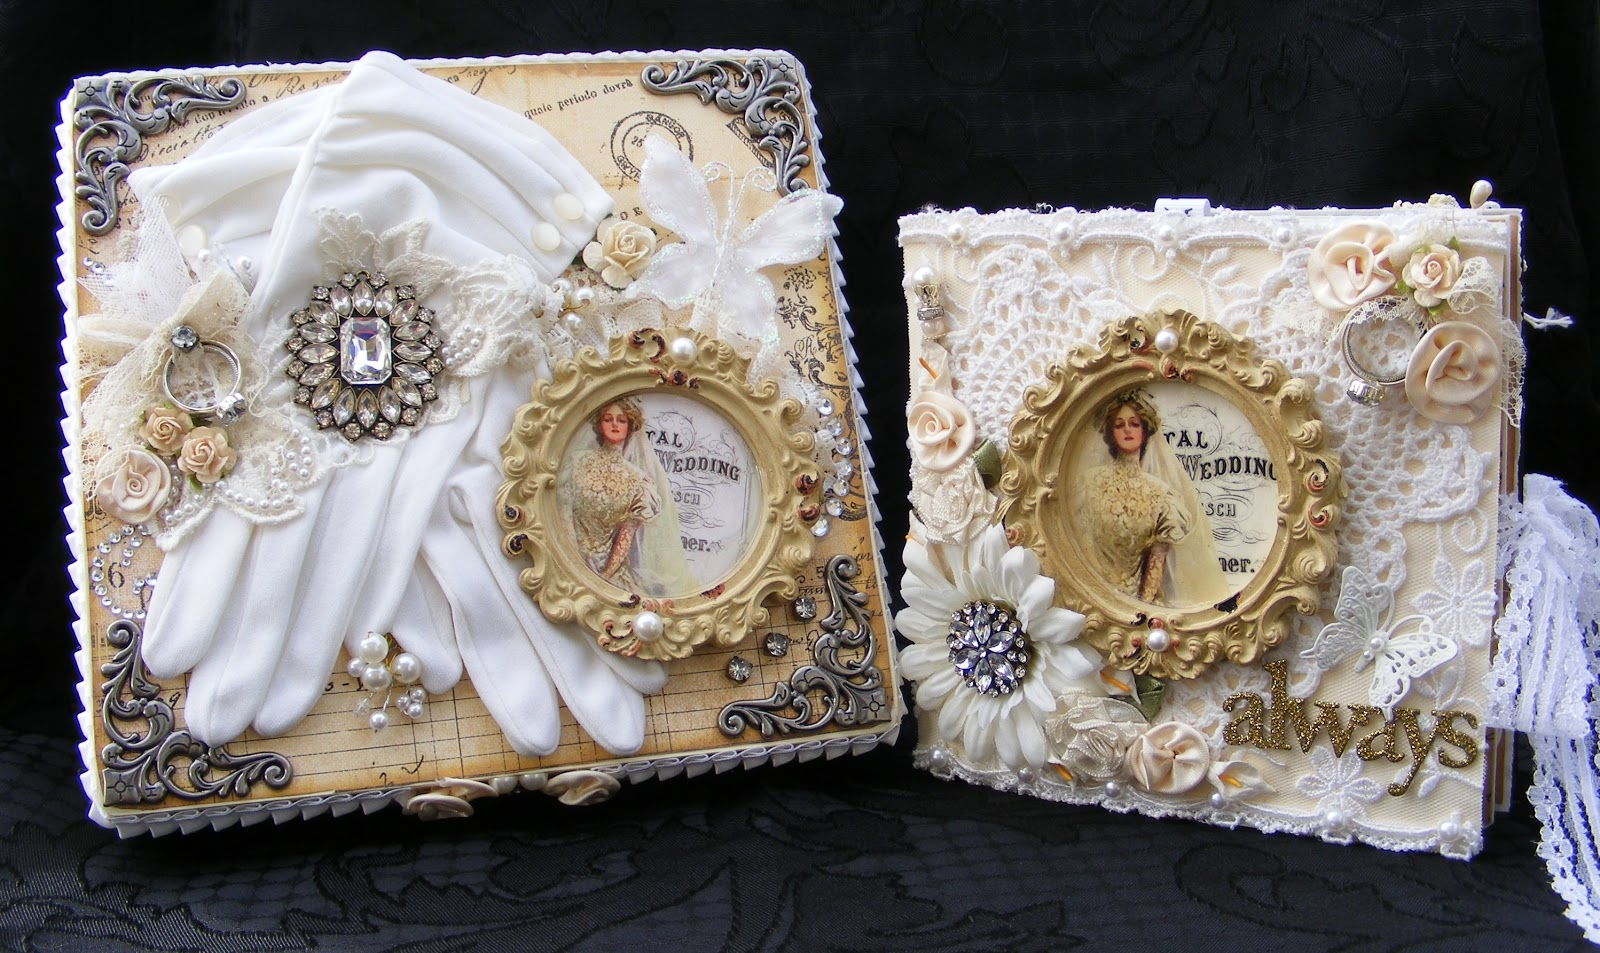 Vintage Style Wedding Al And Keepsake Box